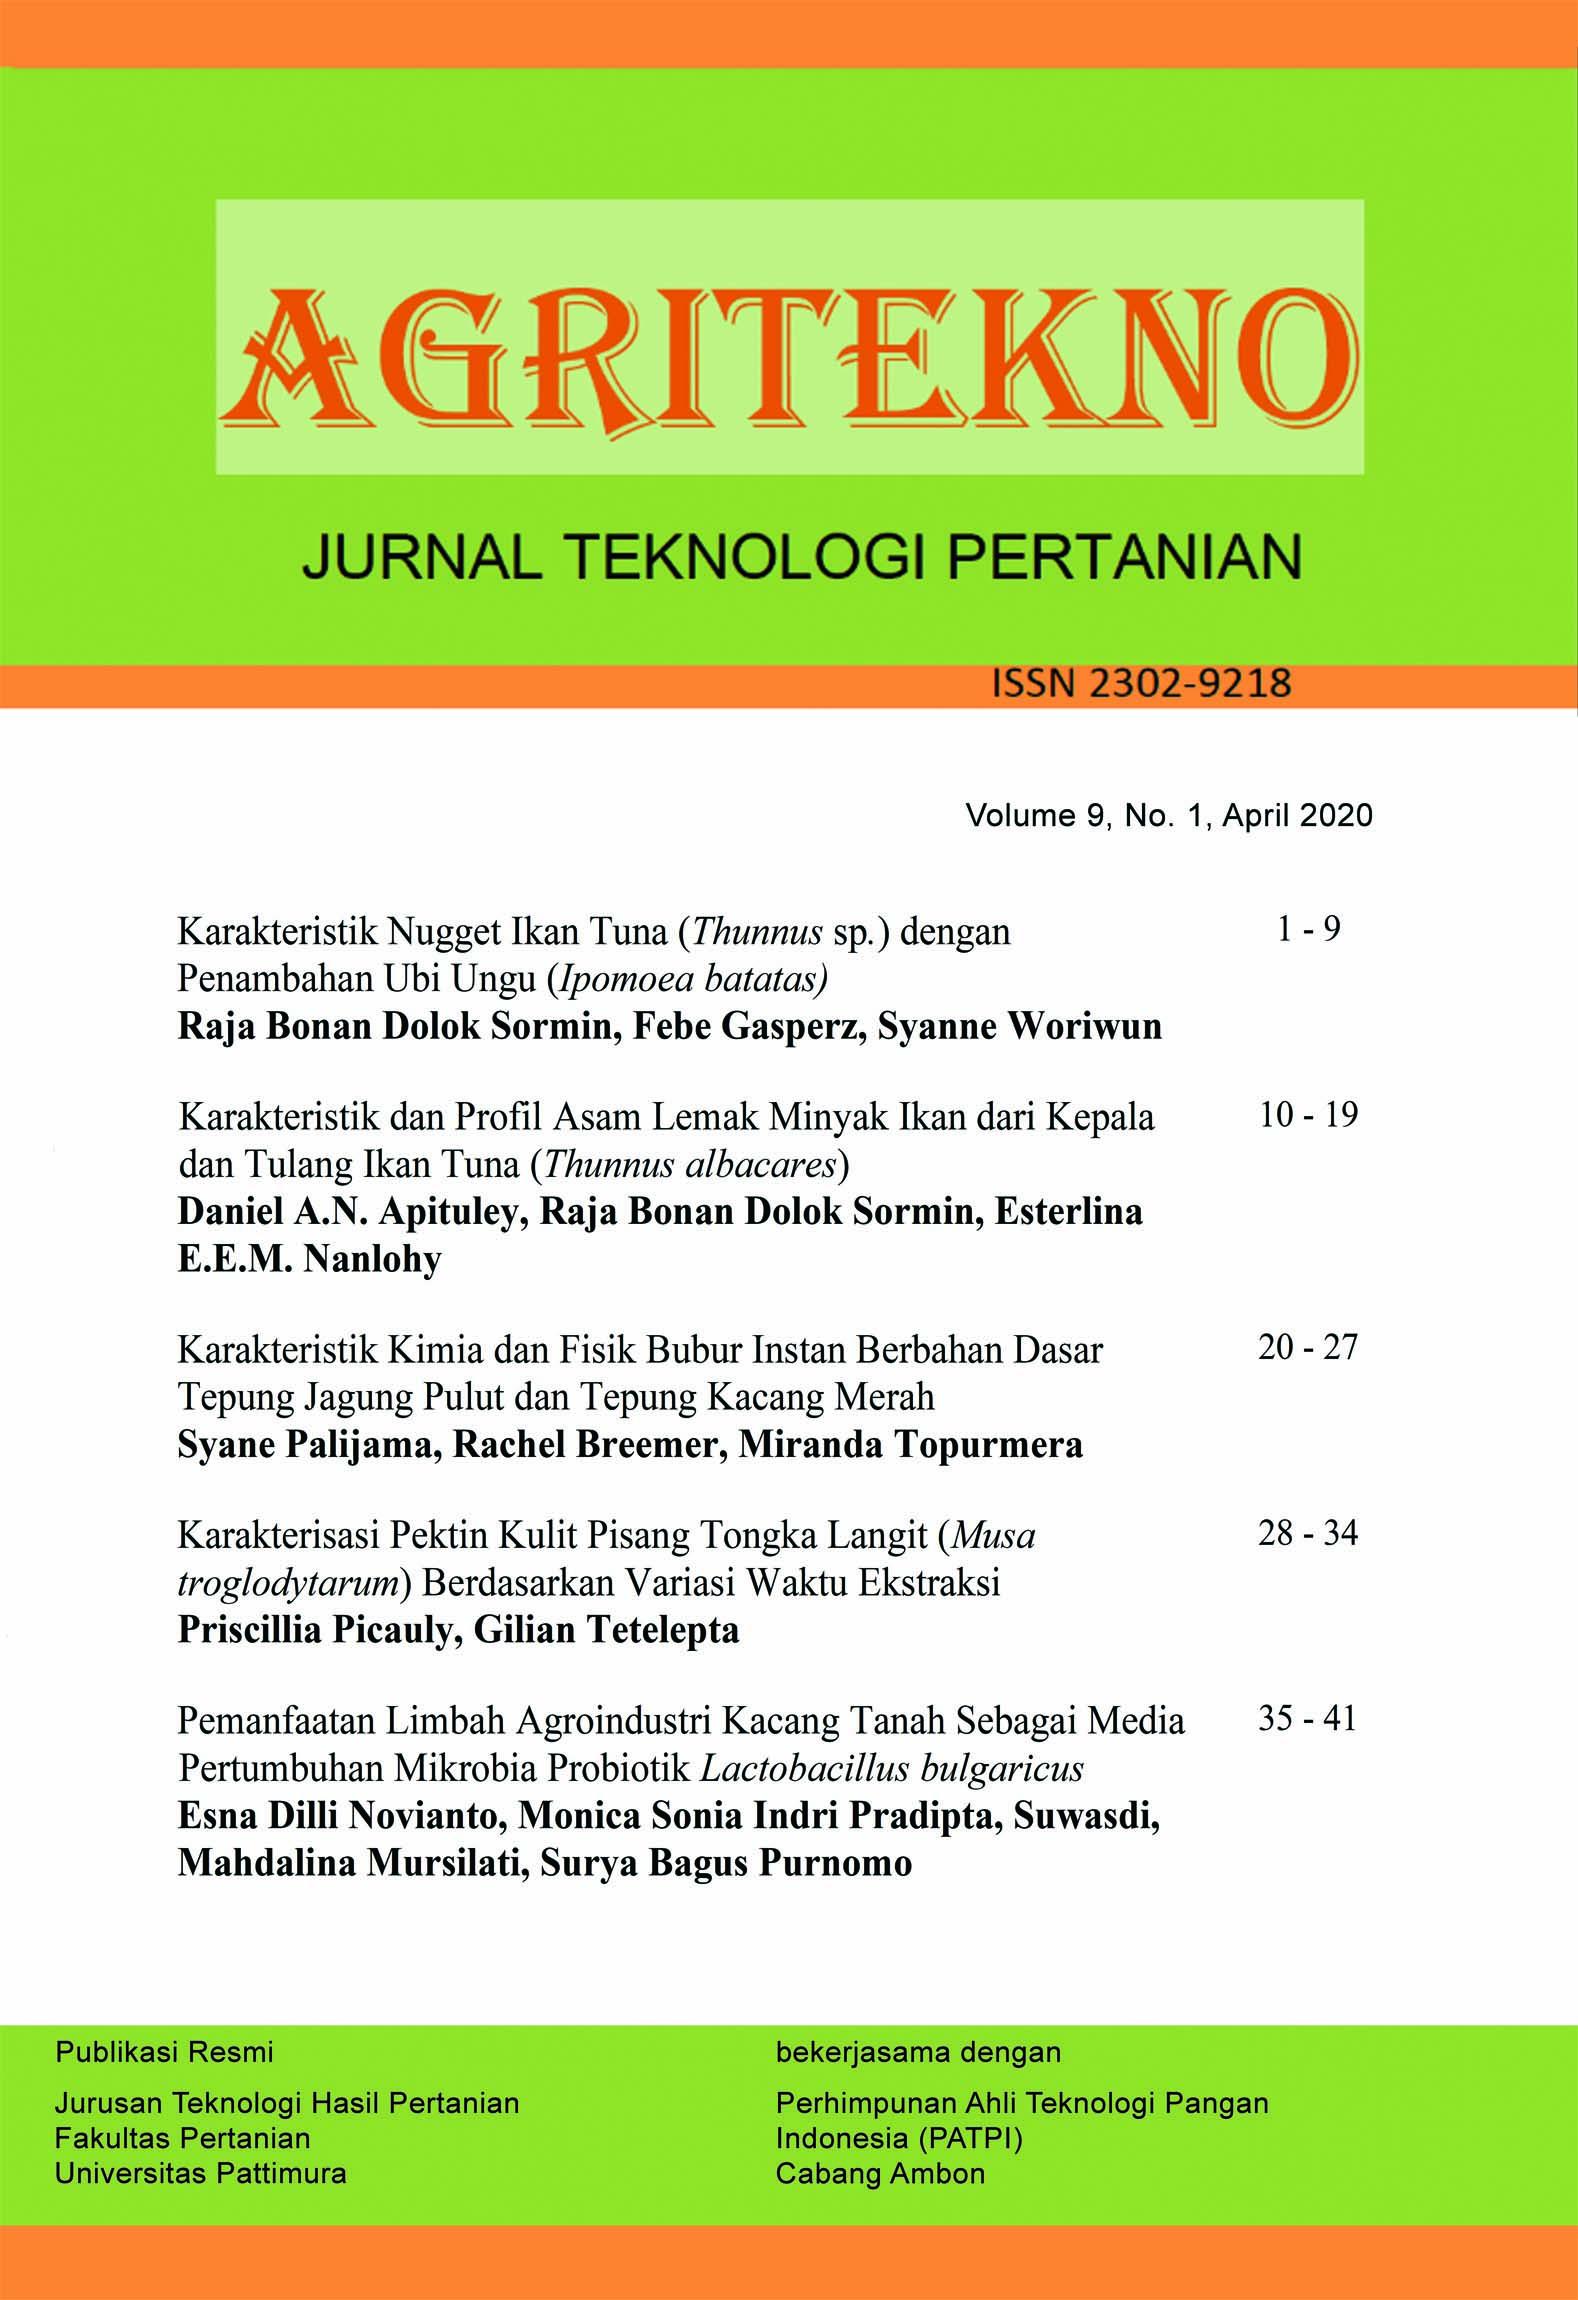 Karakteristik Nugget Ikan Tuna Thunnus Sp Dengan Penambahan Ubi Ungu Ipomoea Batatas Agritekno Jurnal Teknologi Pertanian